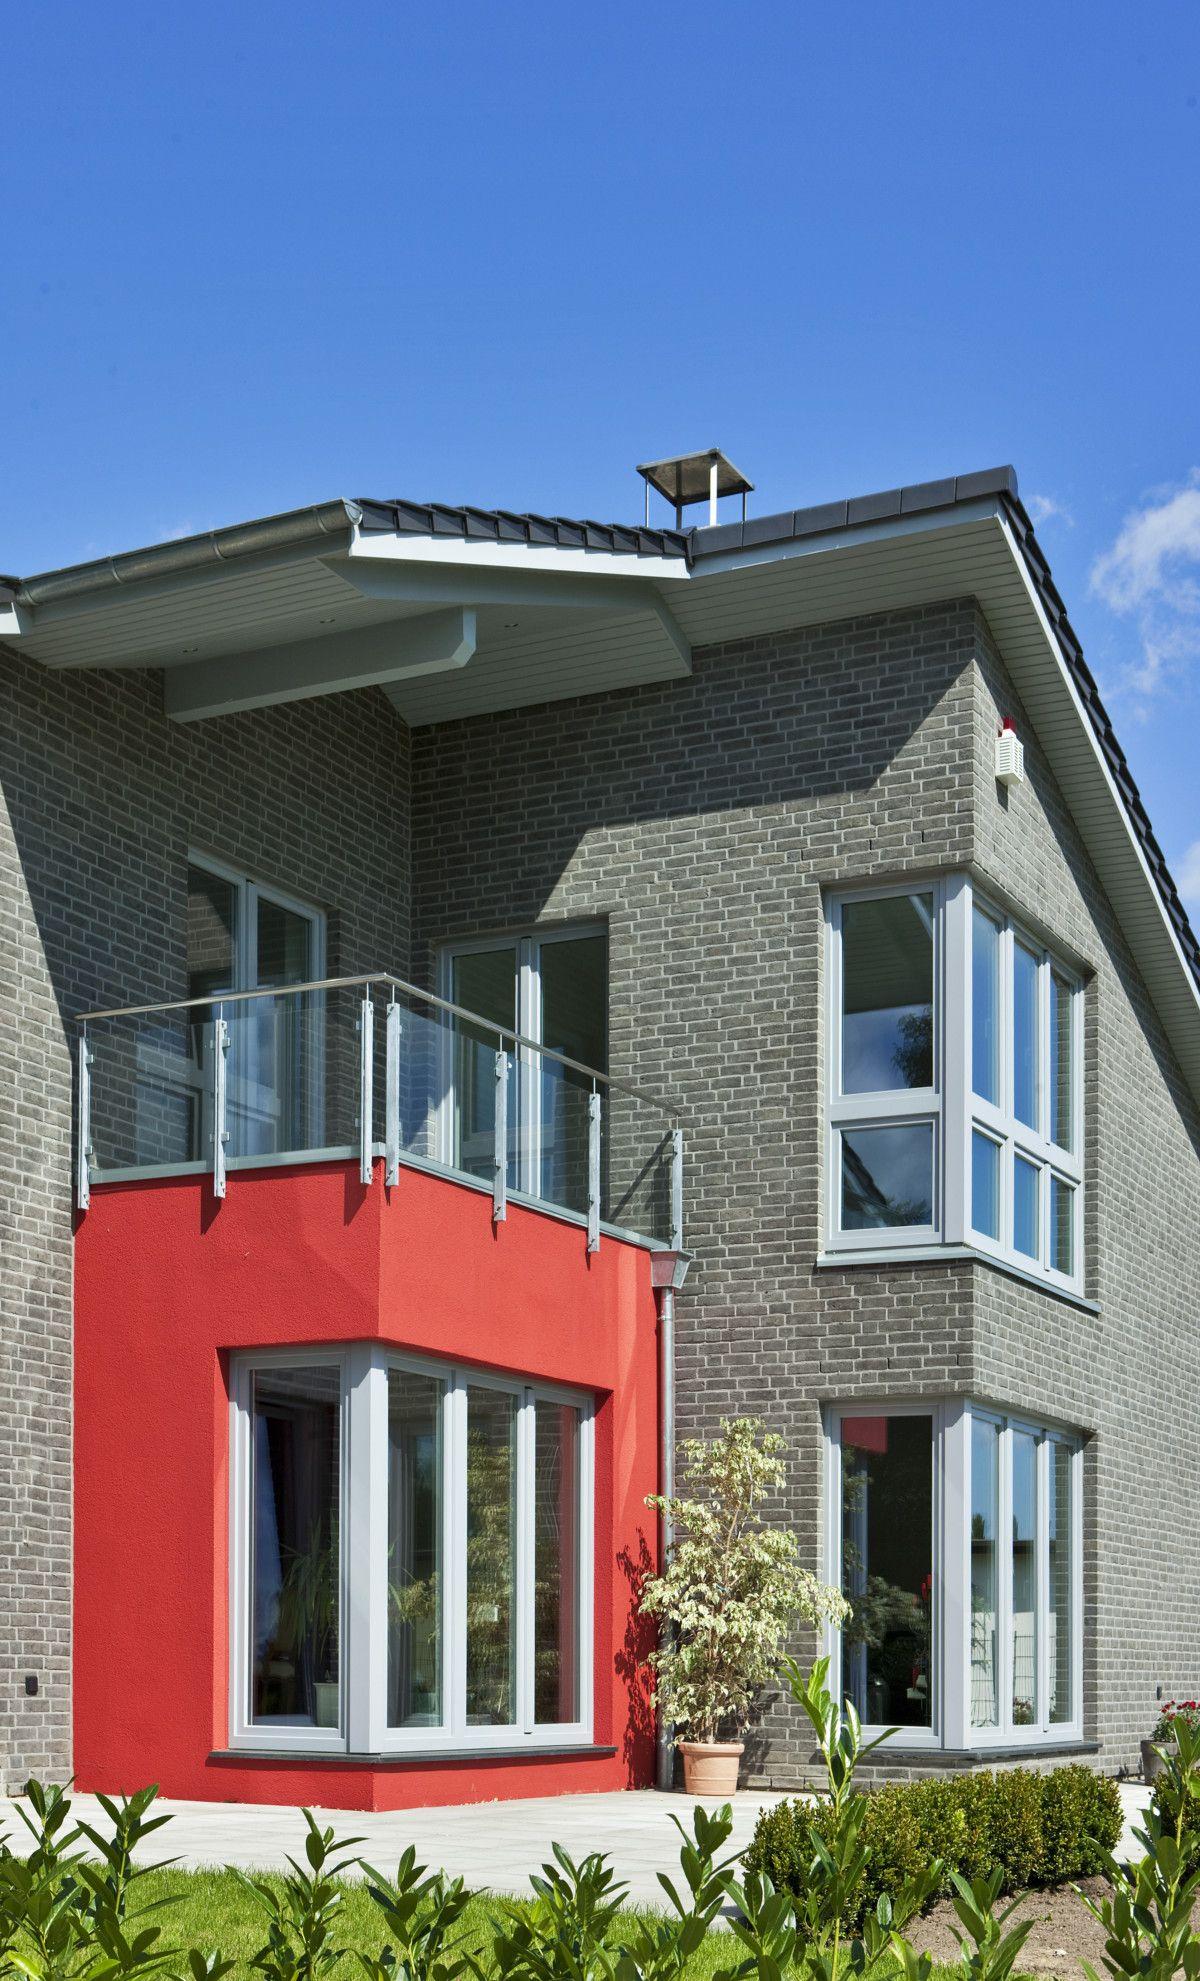 Einfamilienhaus Erker Anbau mit Balkon - Architektur Detail ...